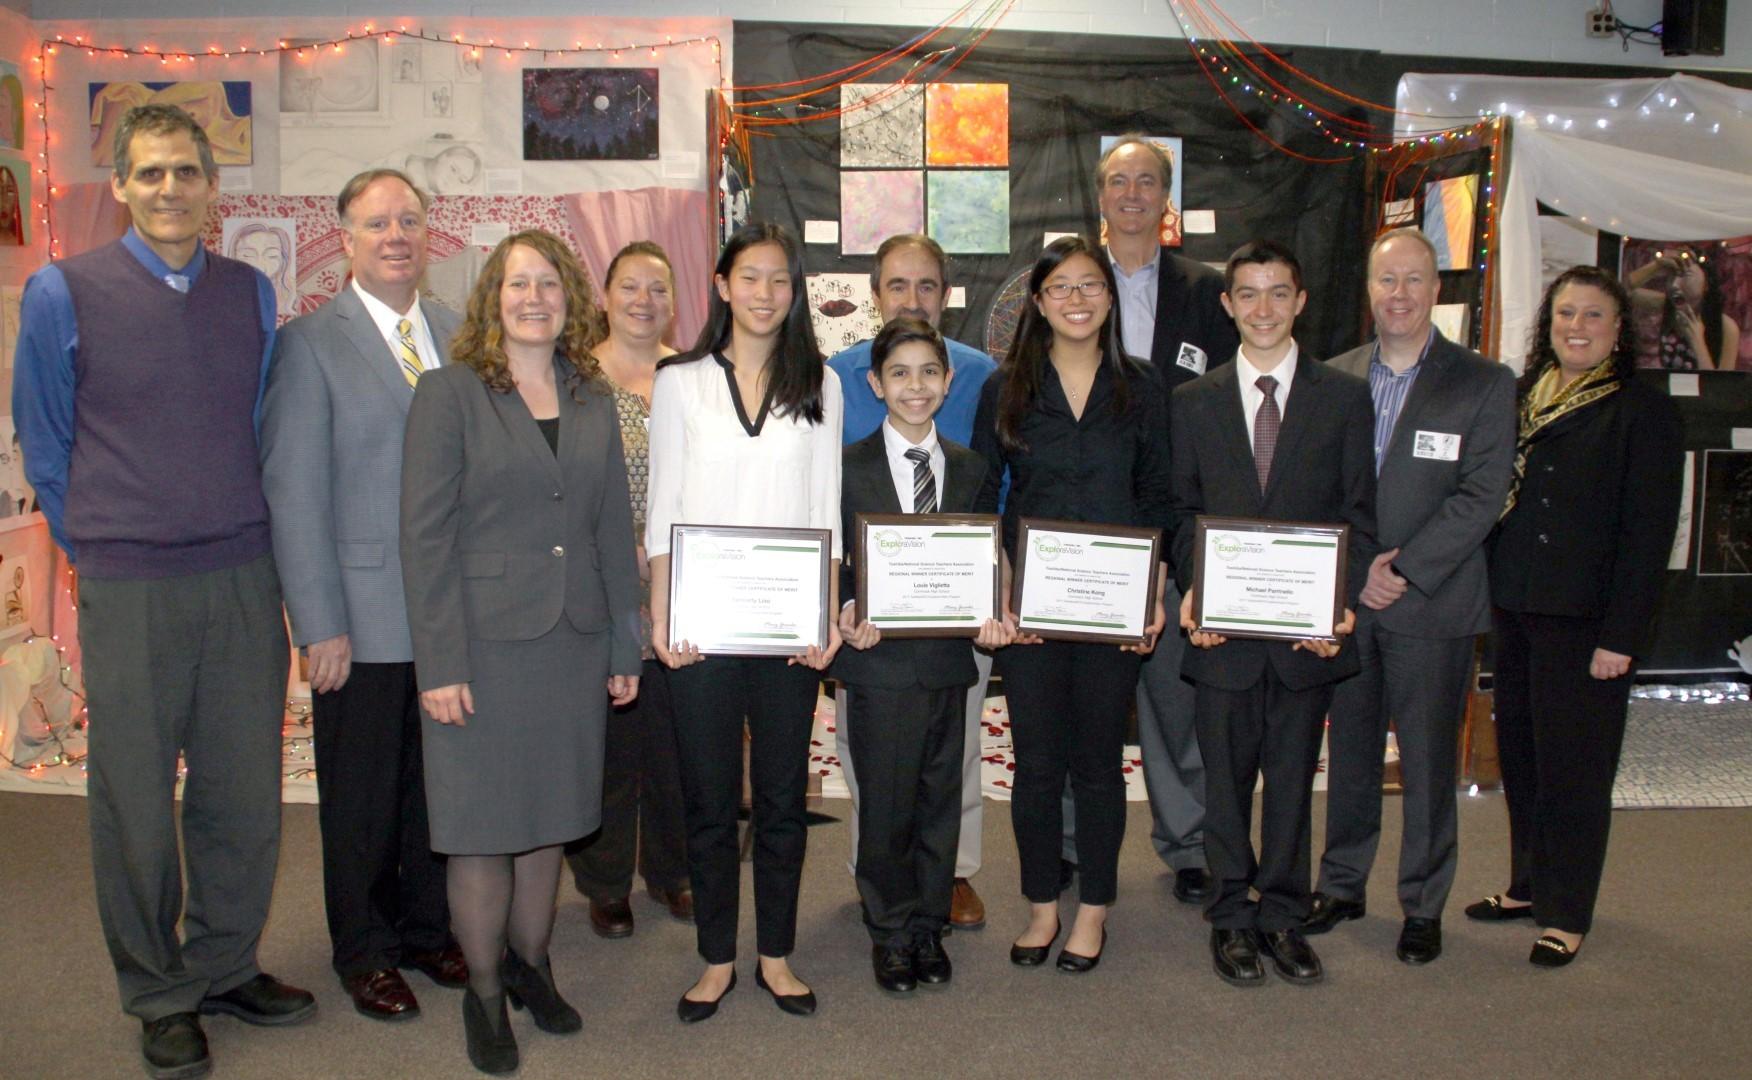 Regional Award Winners